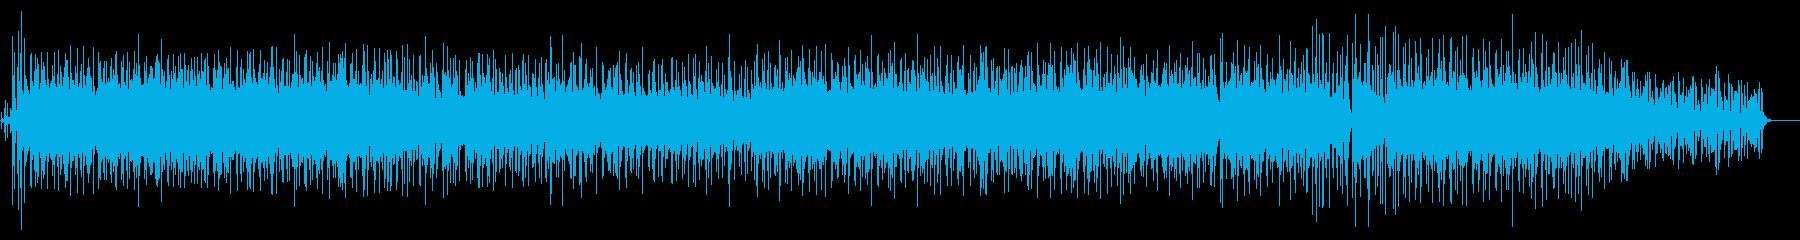 アップテンポのジャズミュージックの再生済みの波形